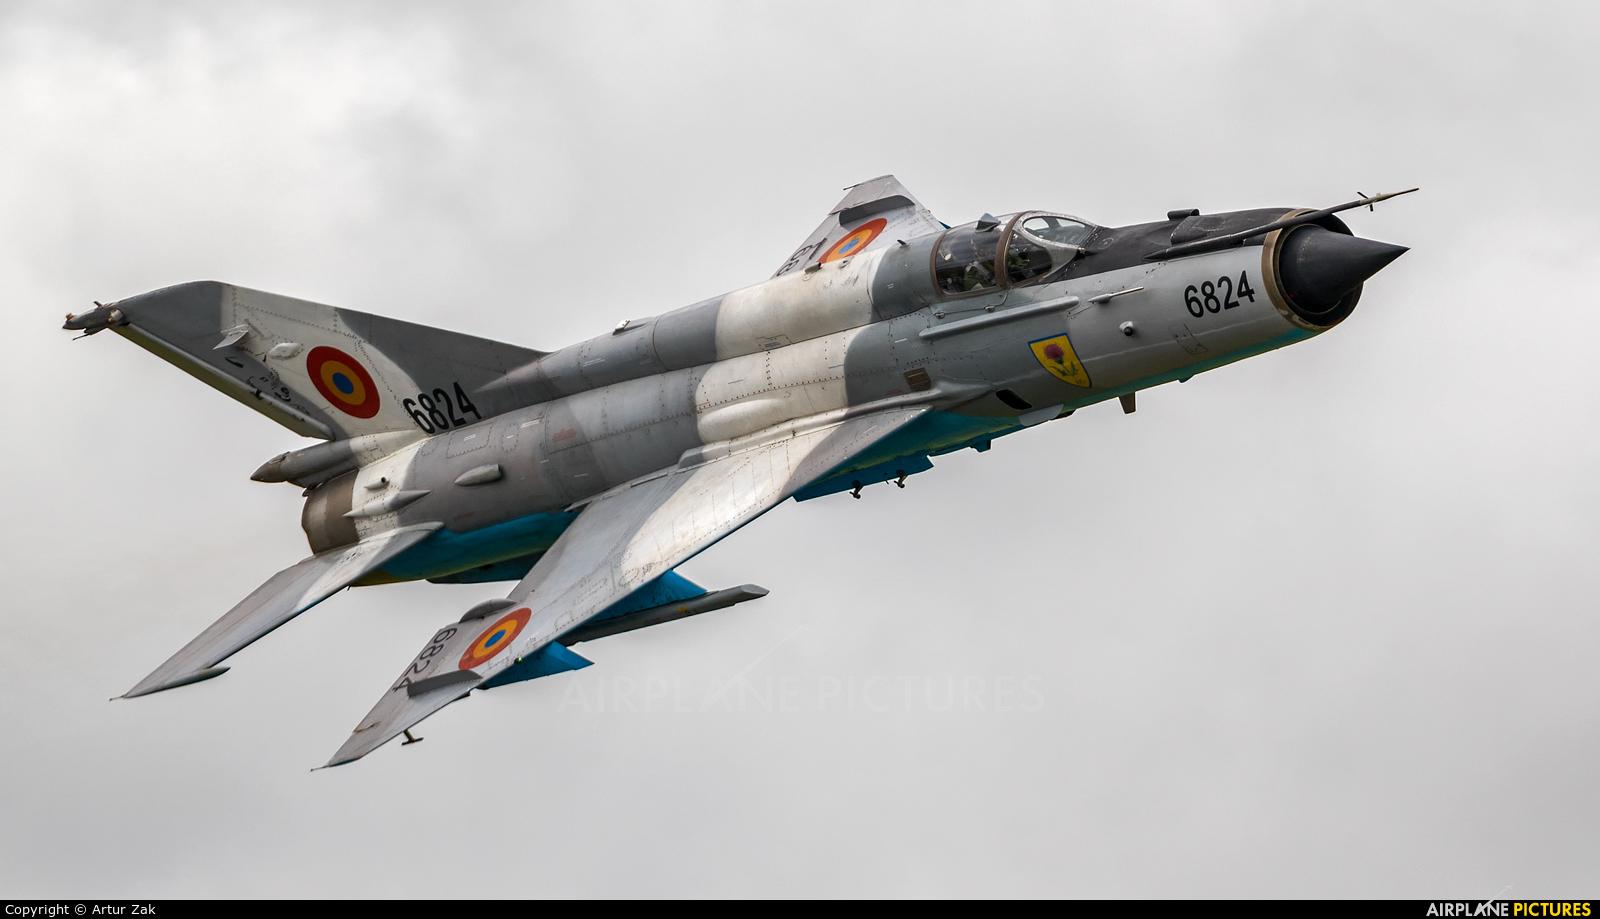 Romania - Air Force 6824 aircraft at Fairford